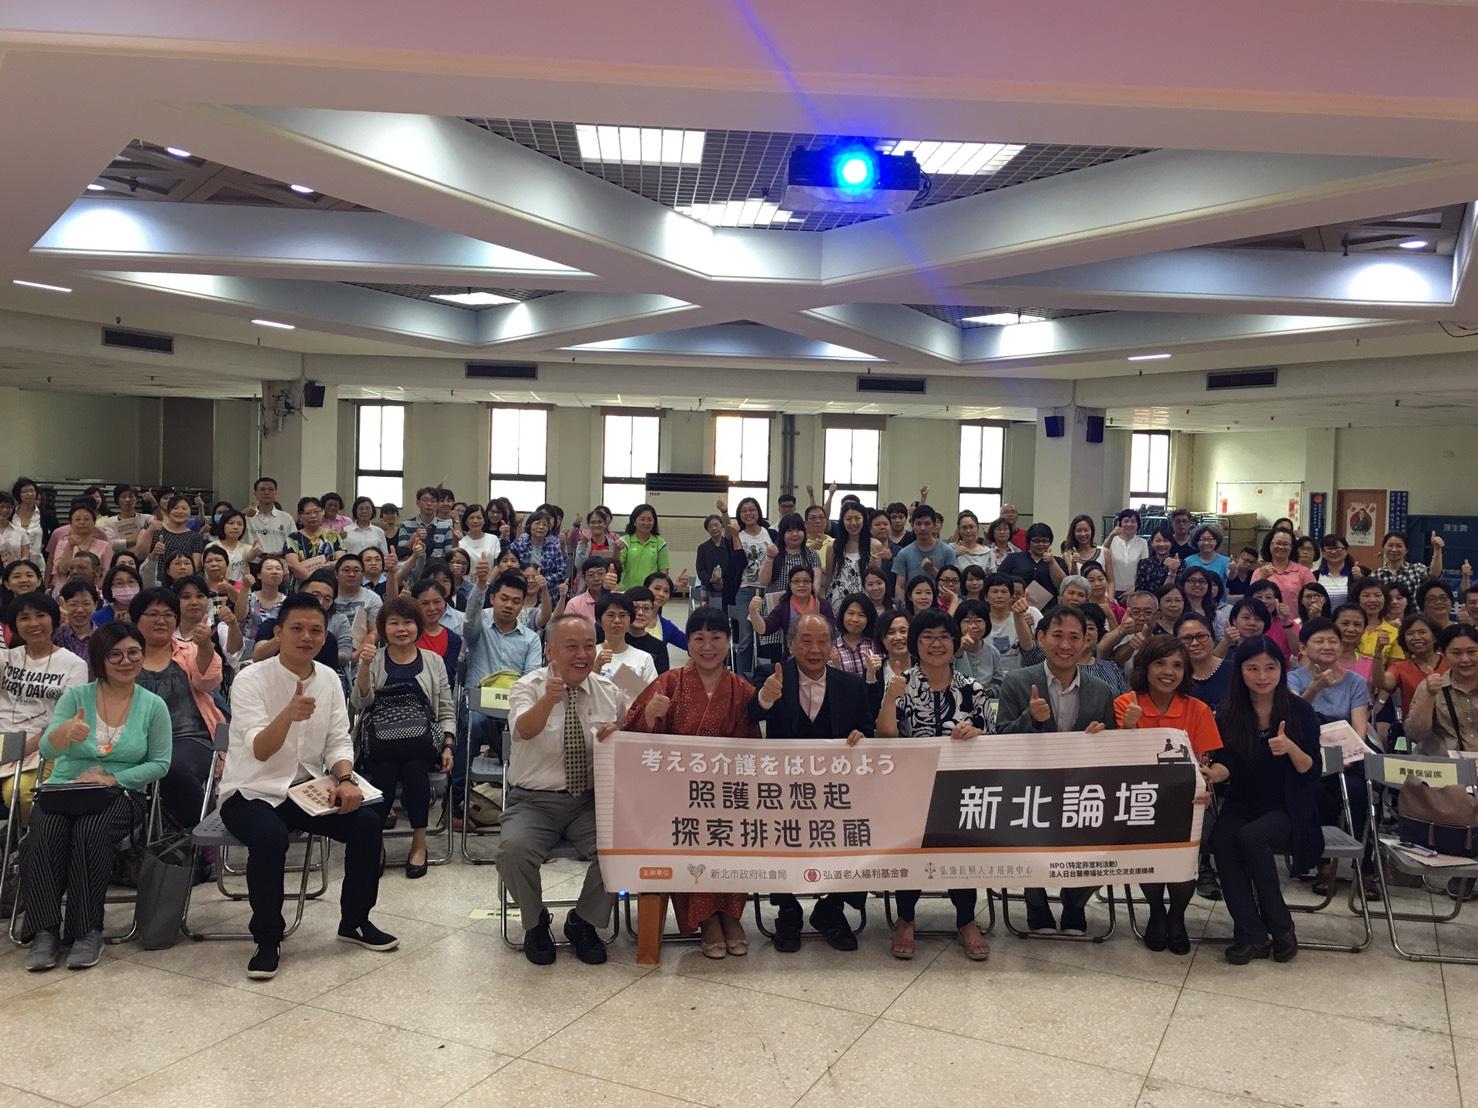 新北找來 日本「尿布達人」教祖開講以人為本的排泄照顧